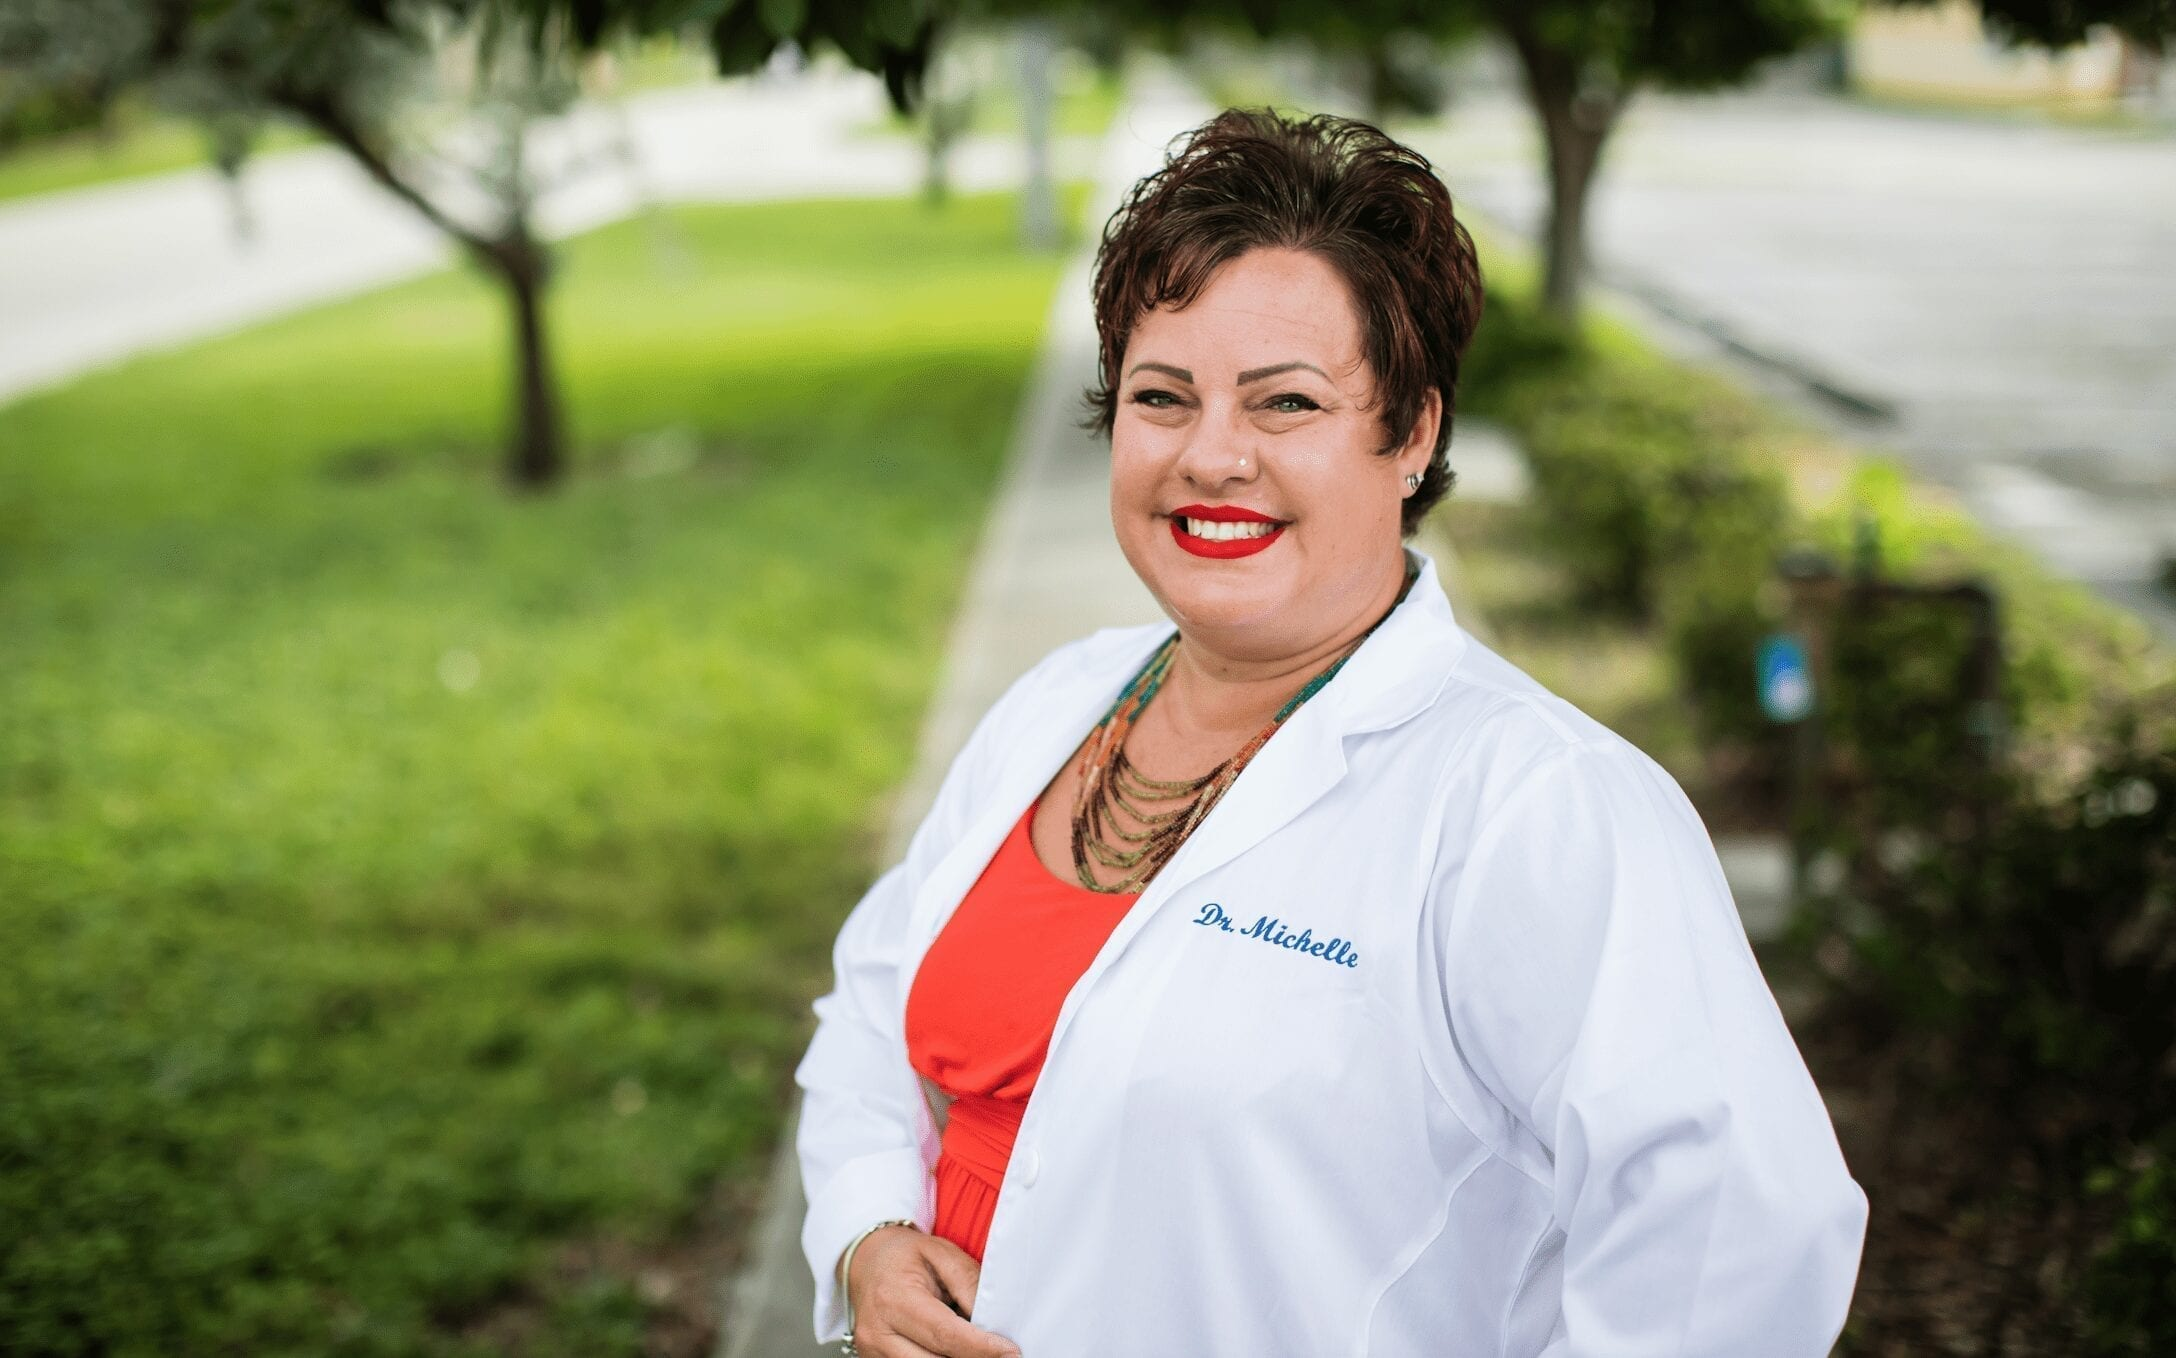 Dr Michelle